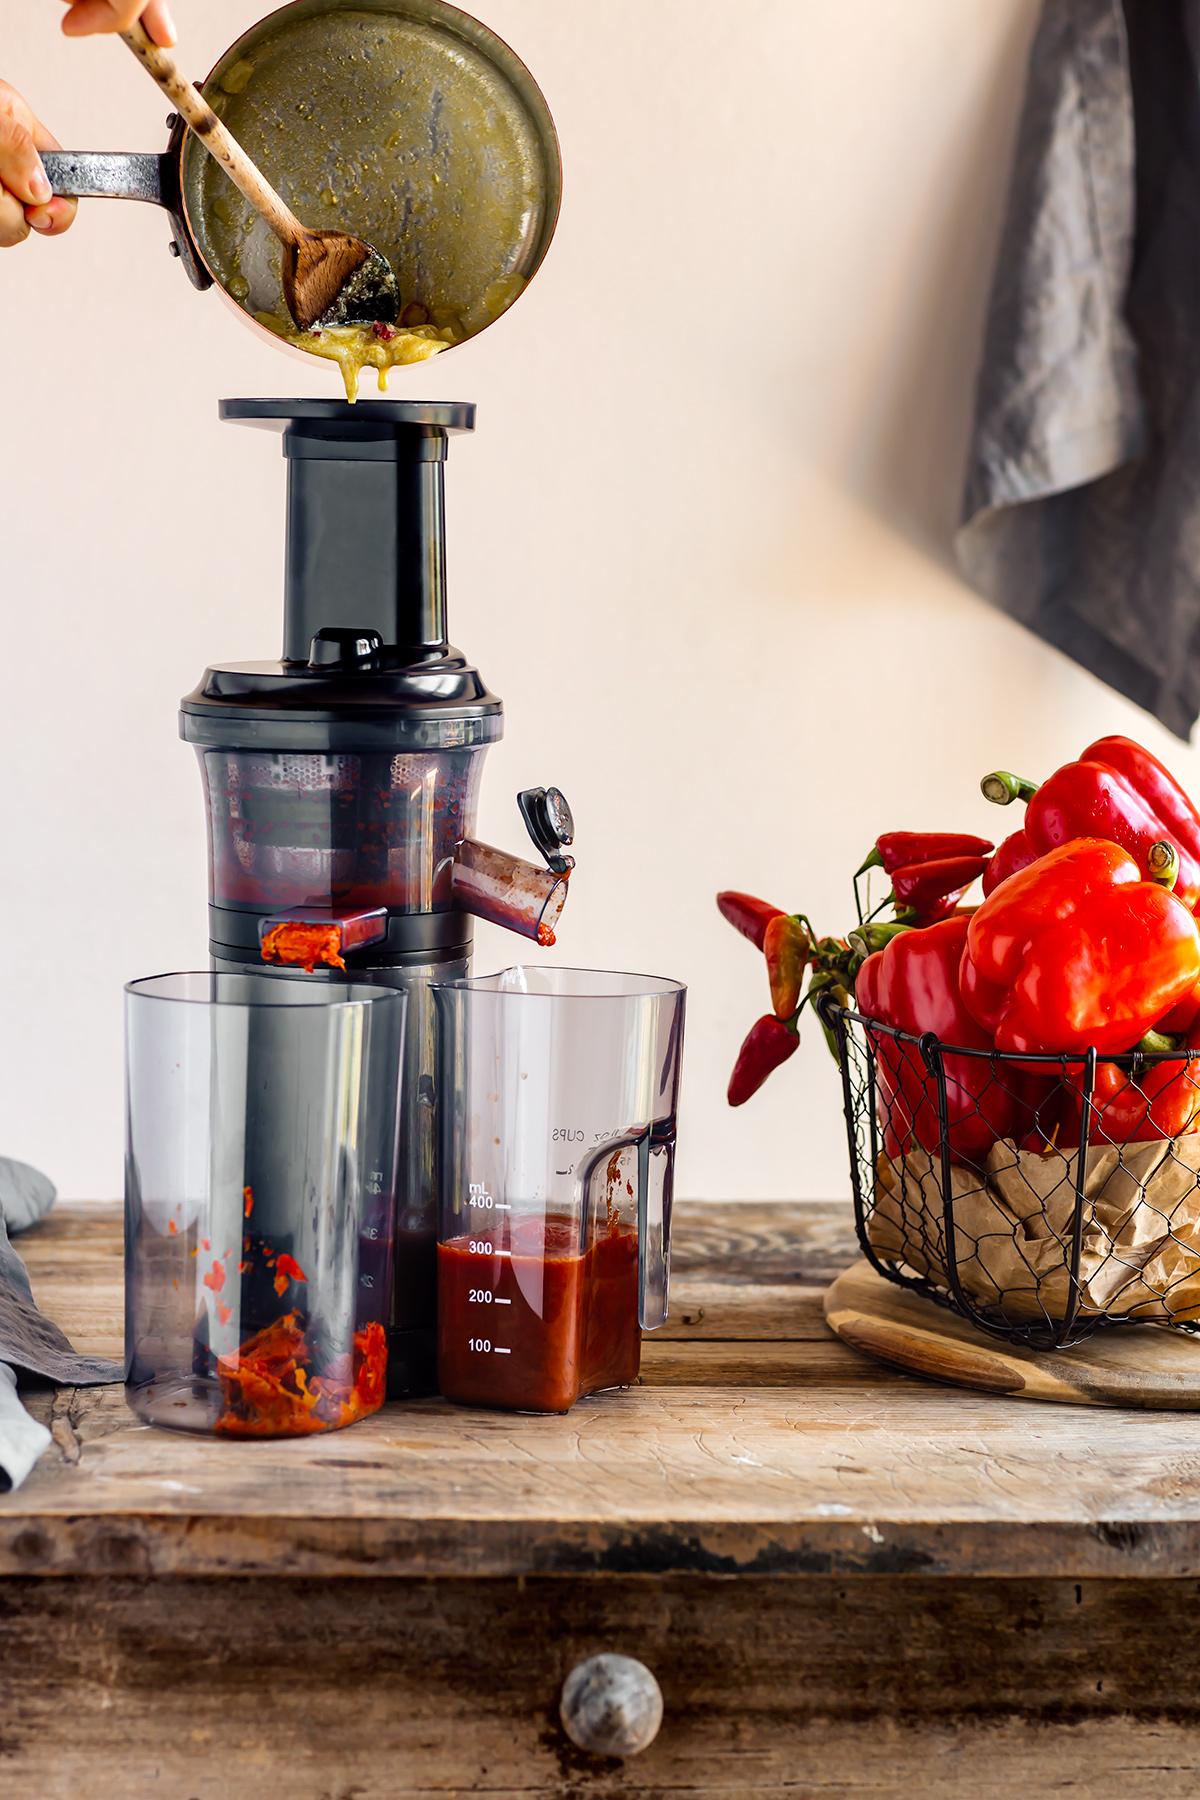 come preparare la pasta conSALSA ai PEPERONI arrostiti how to make creamy vegan ROASTED RED PEPPER PASTA SAUCE